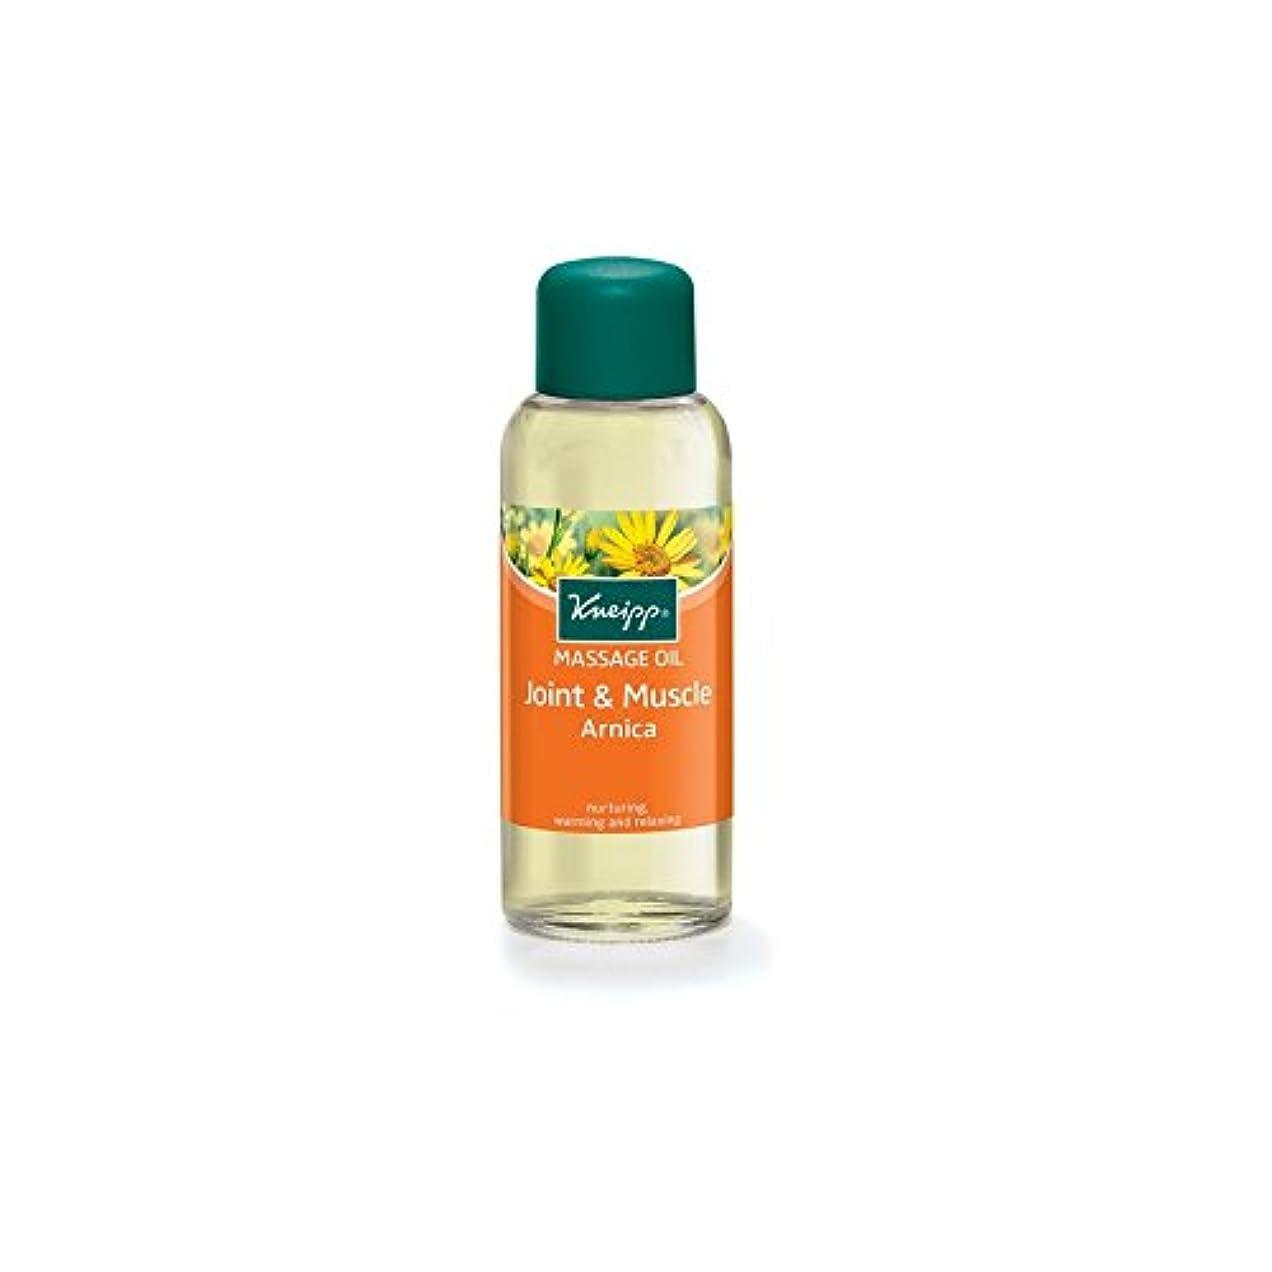 始まり媒染剤やりがいのあるクナイプの関節や筋肉アルニカマッサージオイル(100ミリリットル) x4 - Kneipp Joint and Muscle Arnica Massage Oil (100ml) (Pack of 4) [並行輸入品]